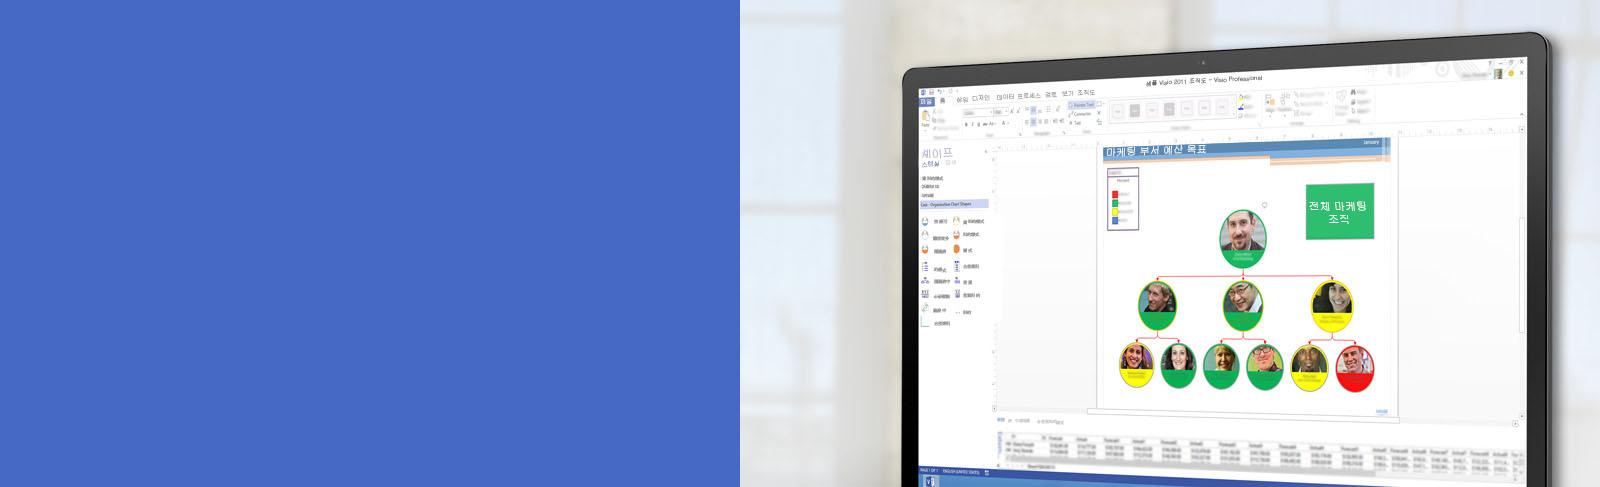 Visio 2013의 다이어그램이 표시된 데스크톱 모니터